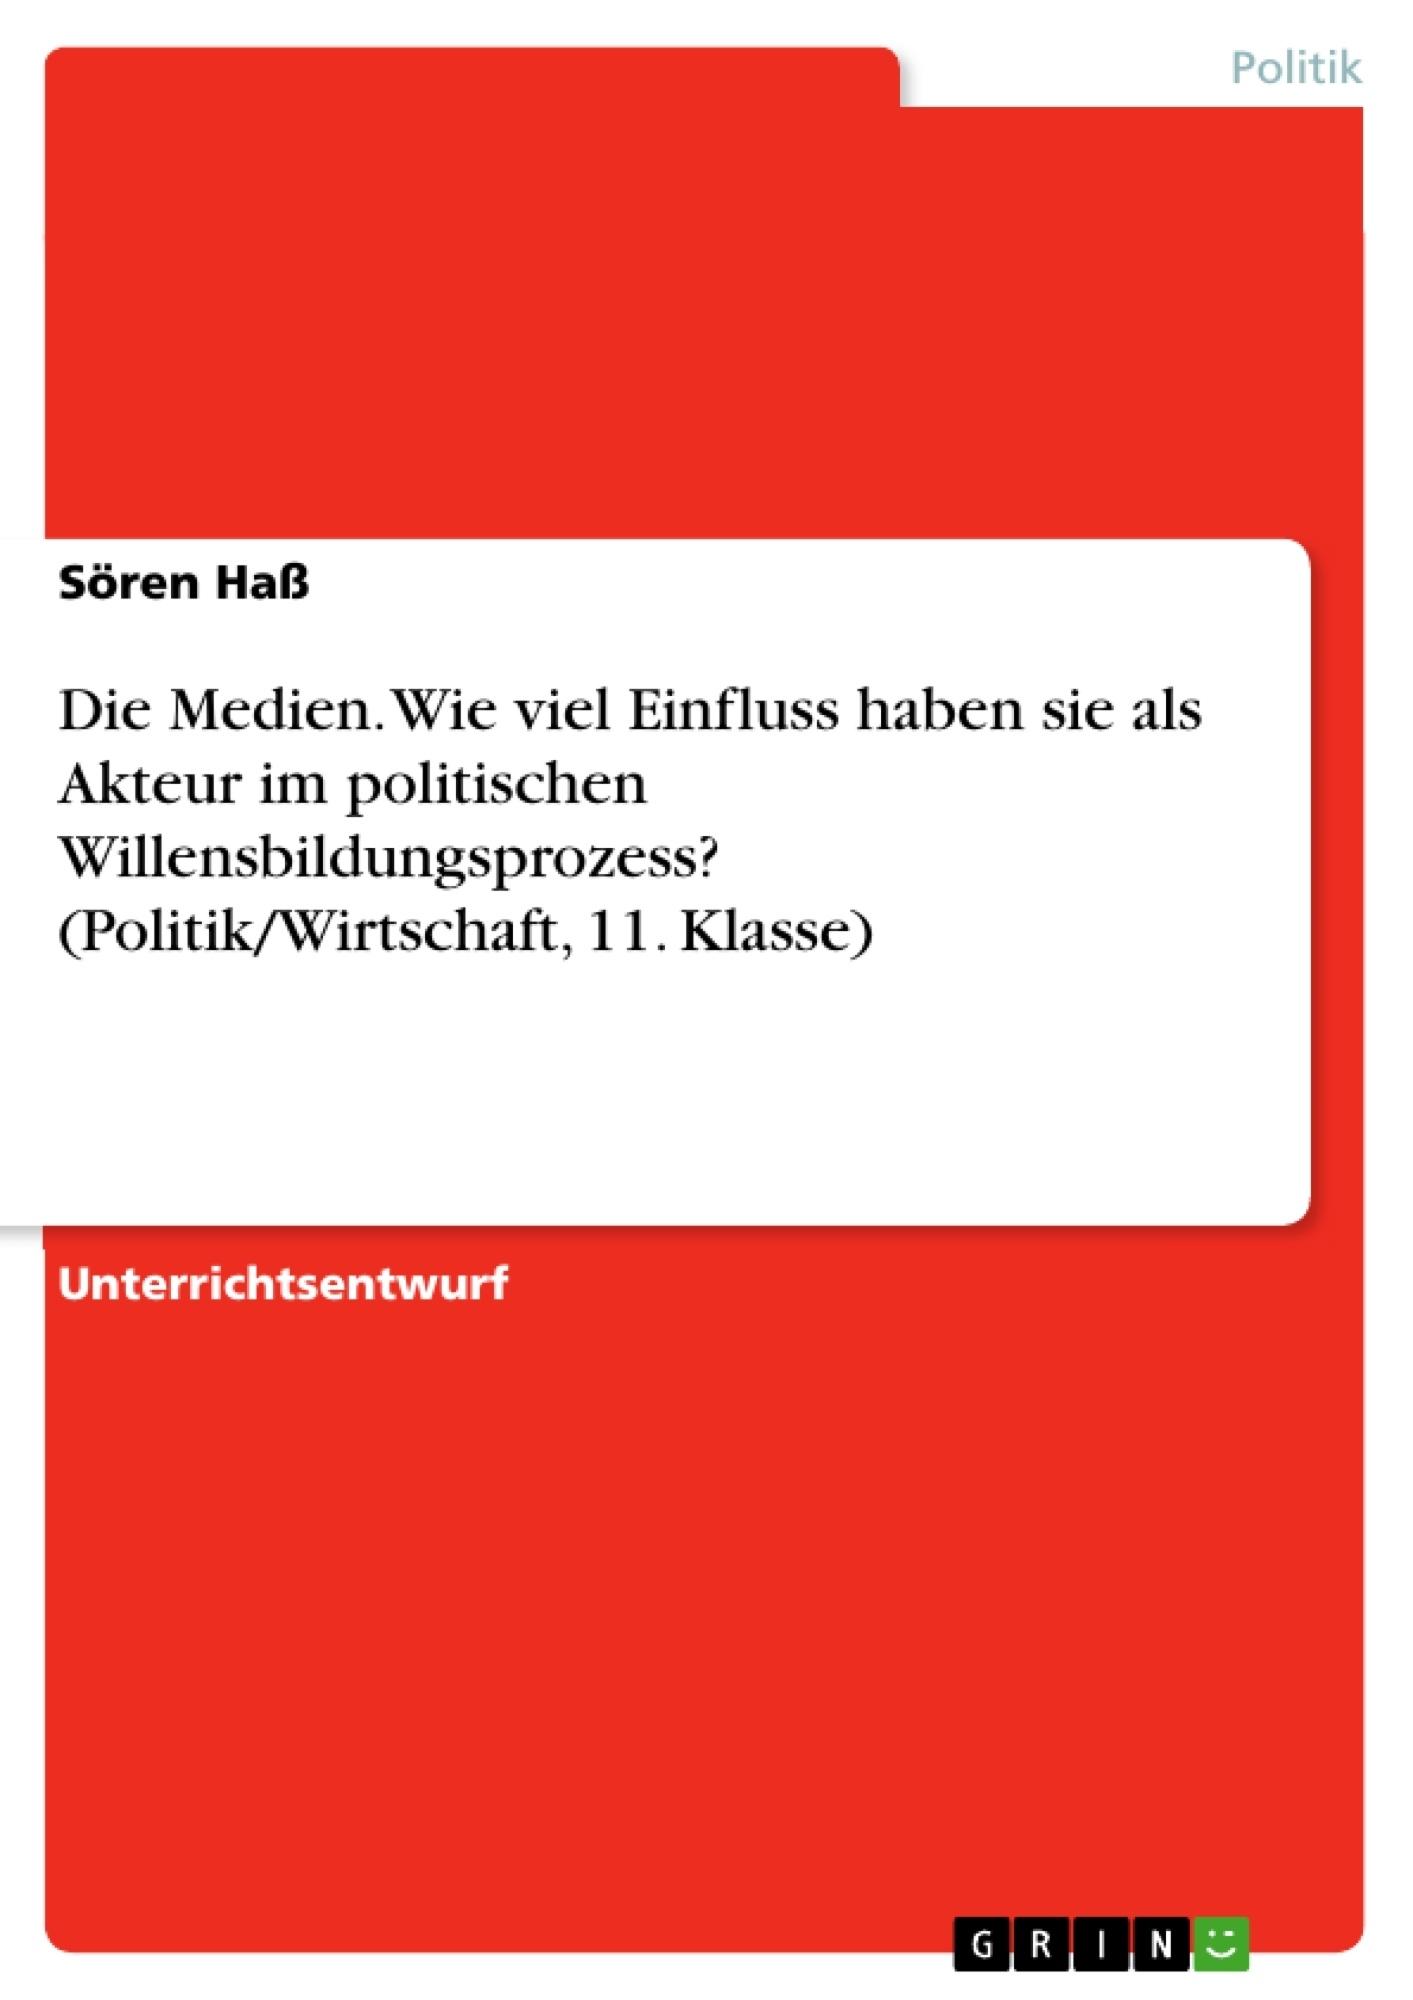 Titel: Die Medien. Wie viel Einfluss haben sie als Akteur im politischen Willensbildungsprozess? (Politik/Wirtschaft, 11. Klasse)